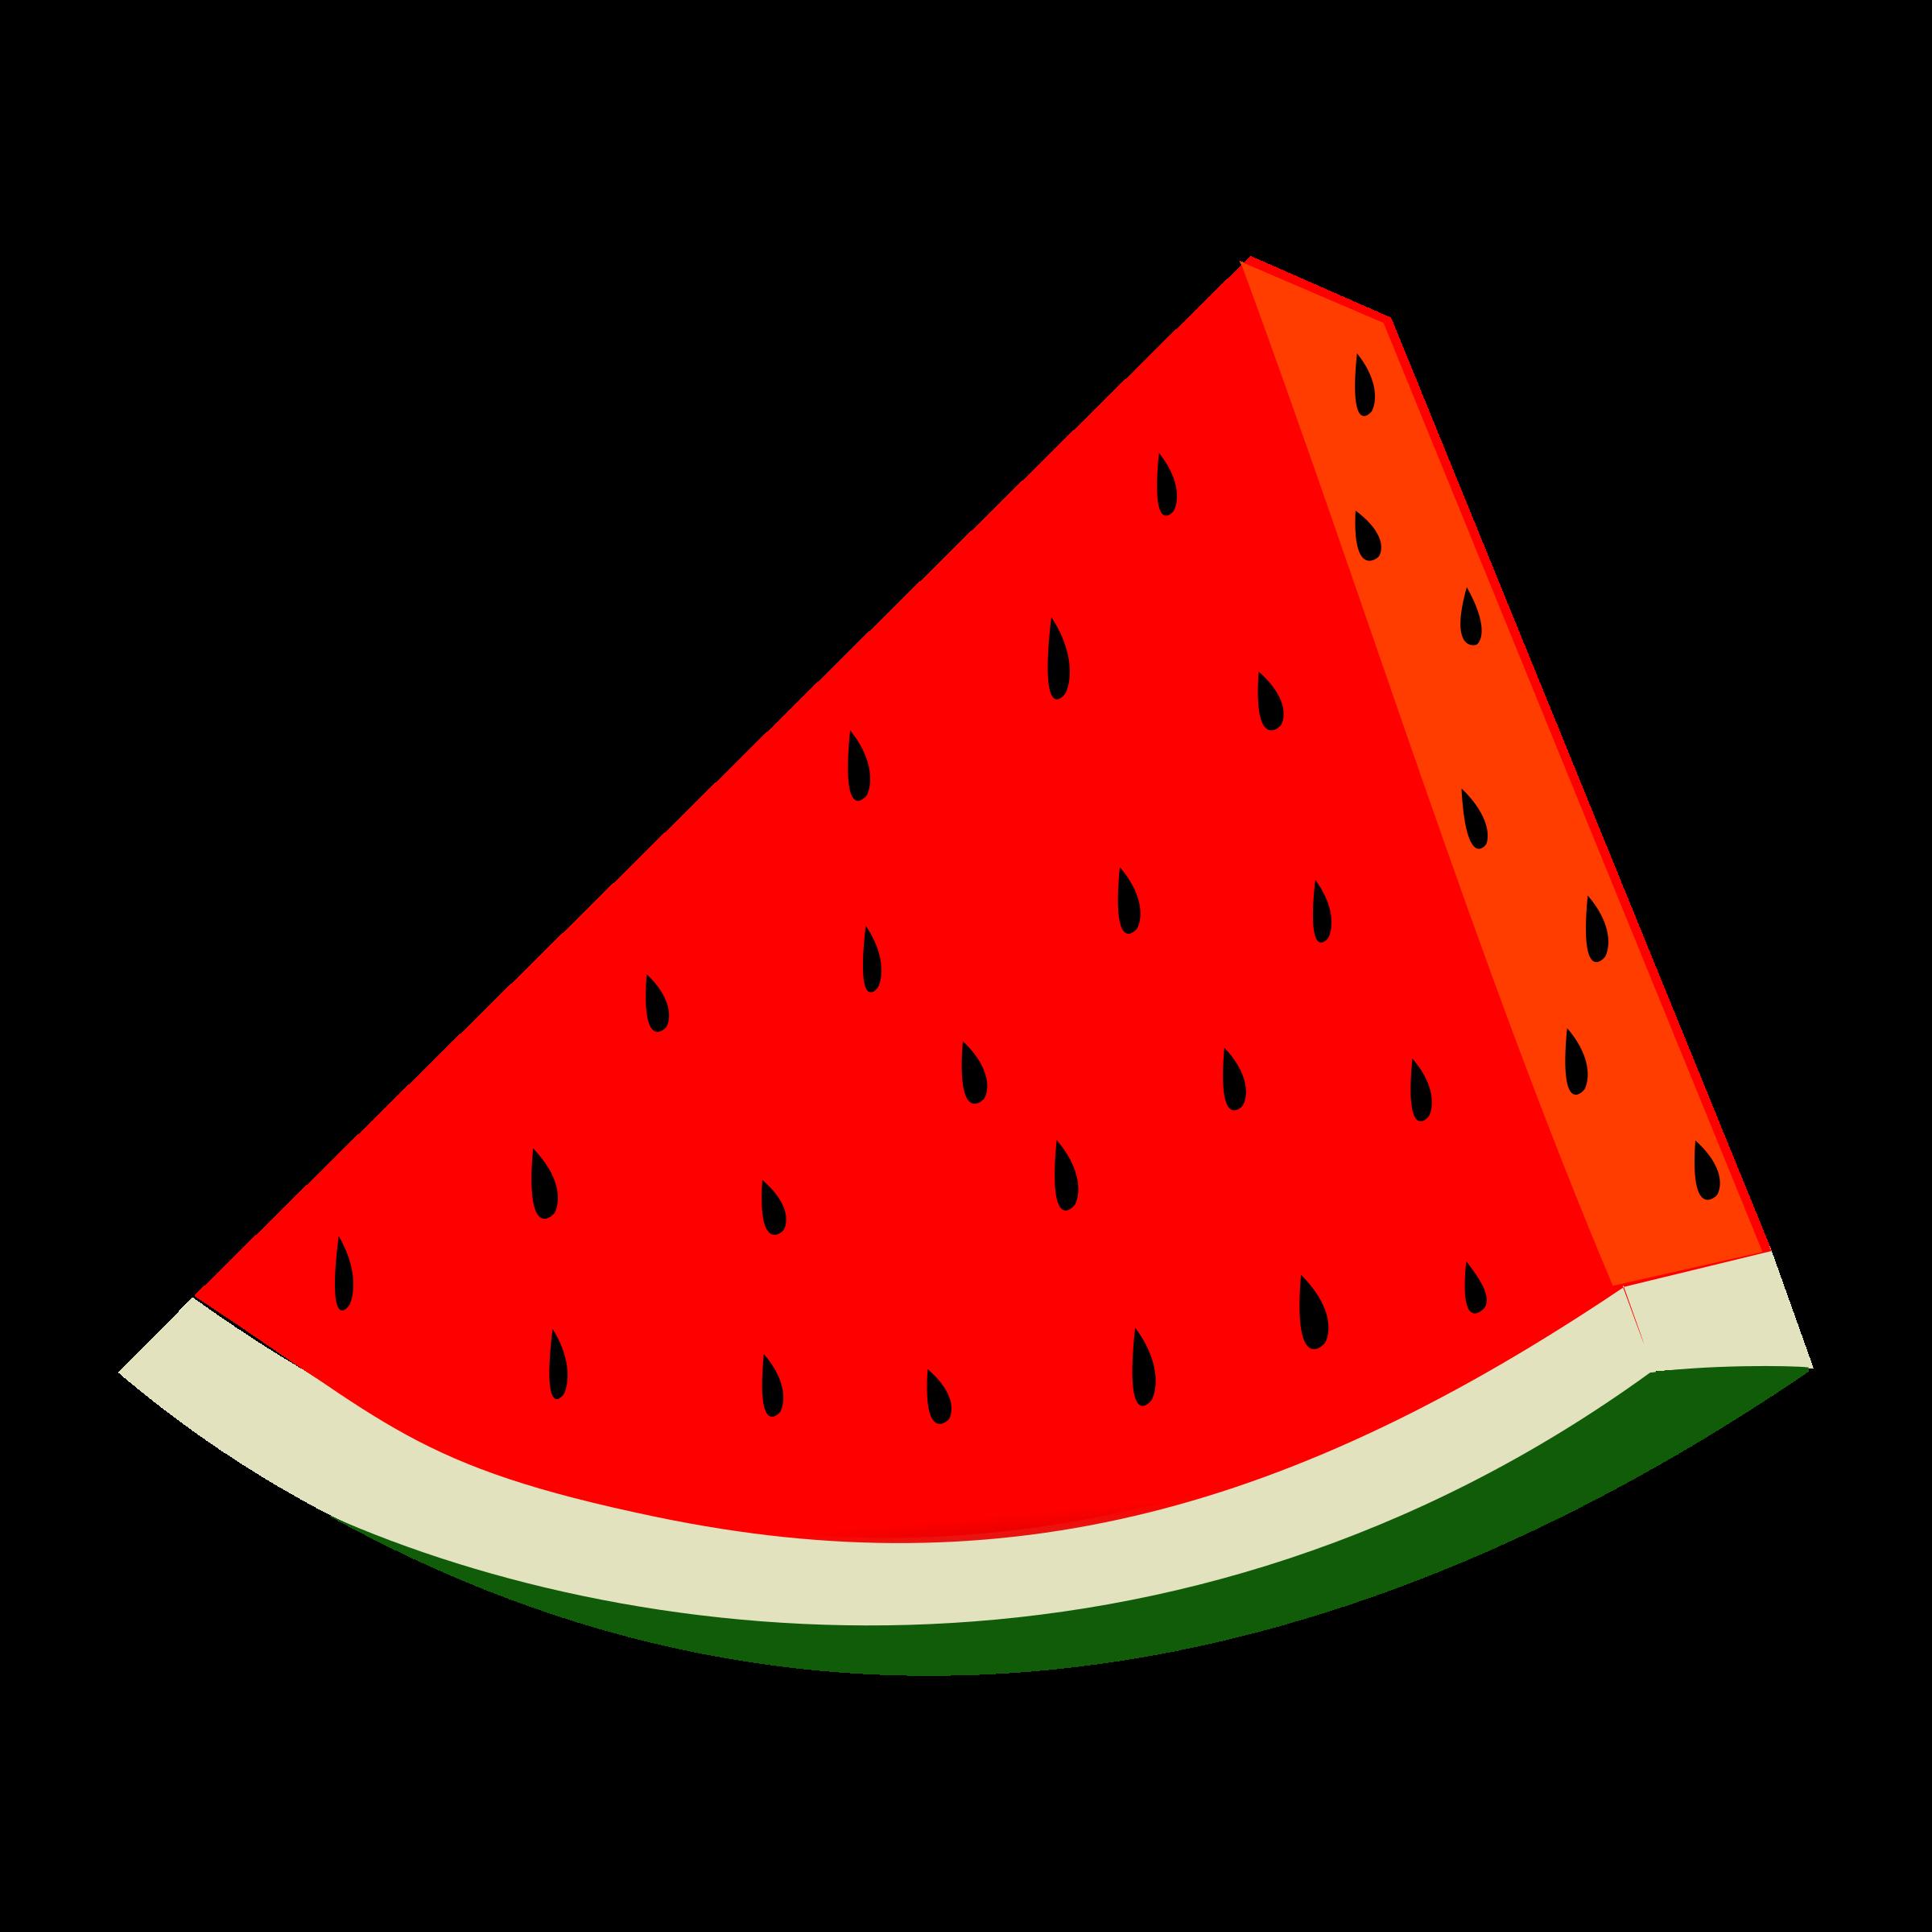 Watermelon clipart summer, Watermelon summer Transparent.